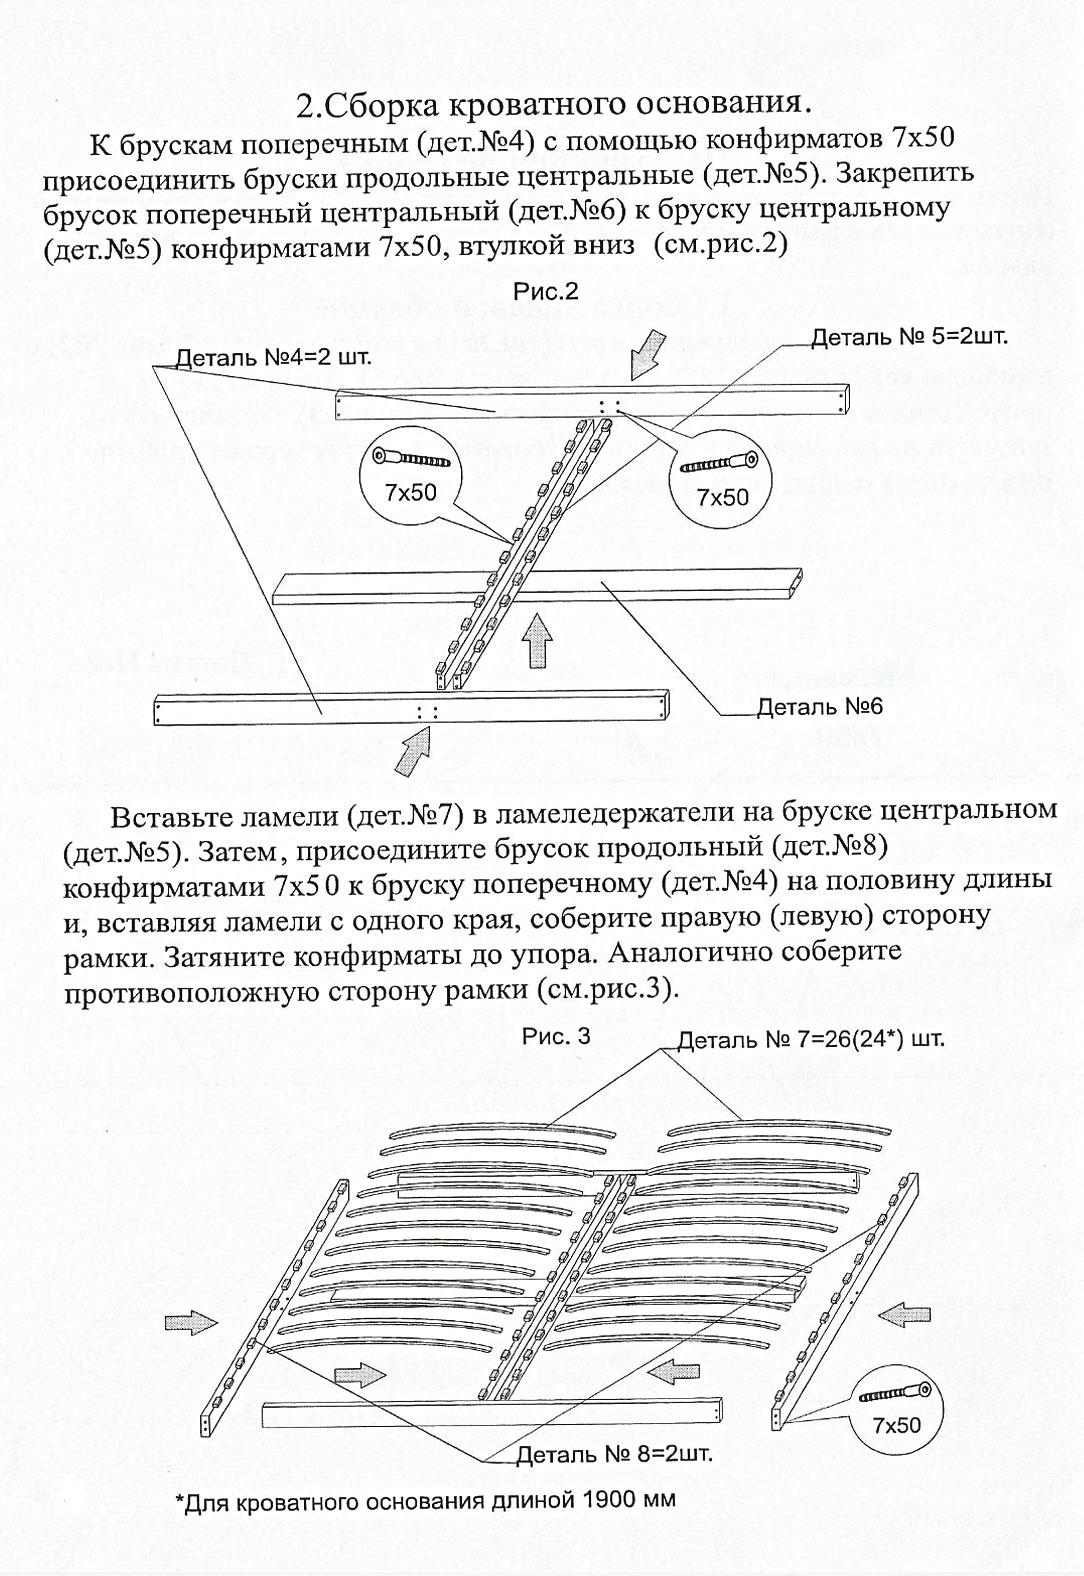 Основание под матрас Оптима Люкс 200200 (h270) Кровать оптима люкс схема сборки